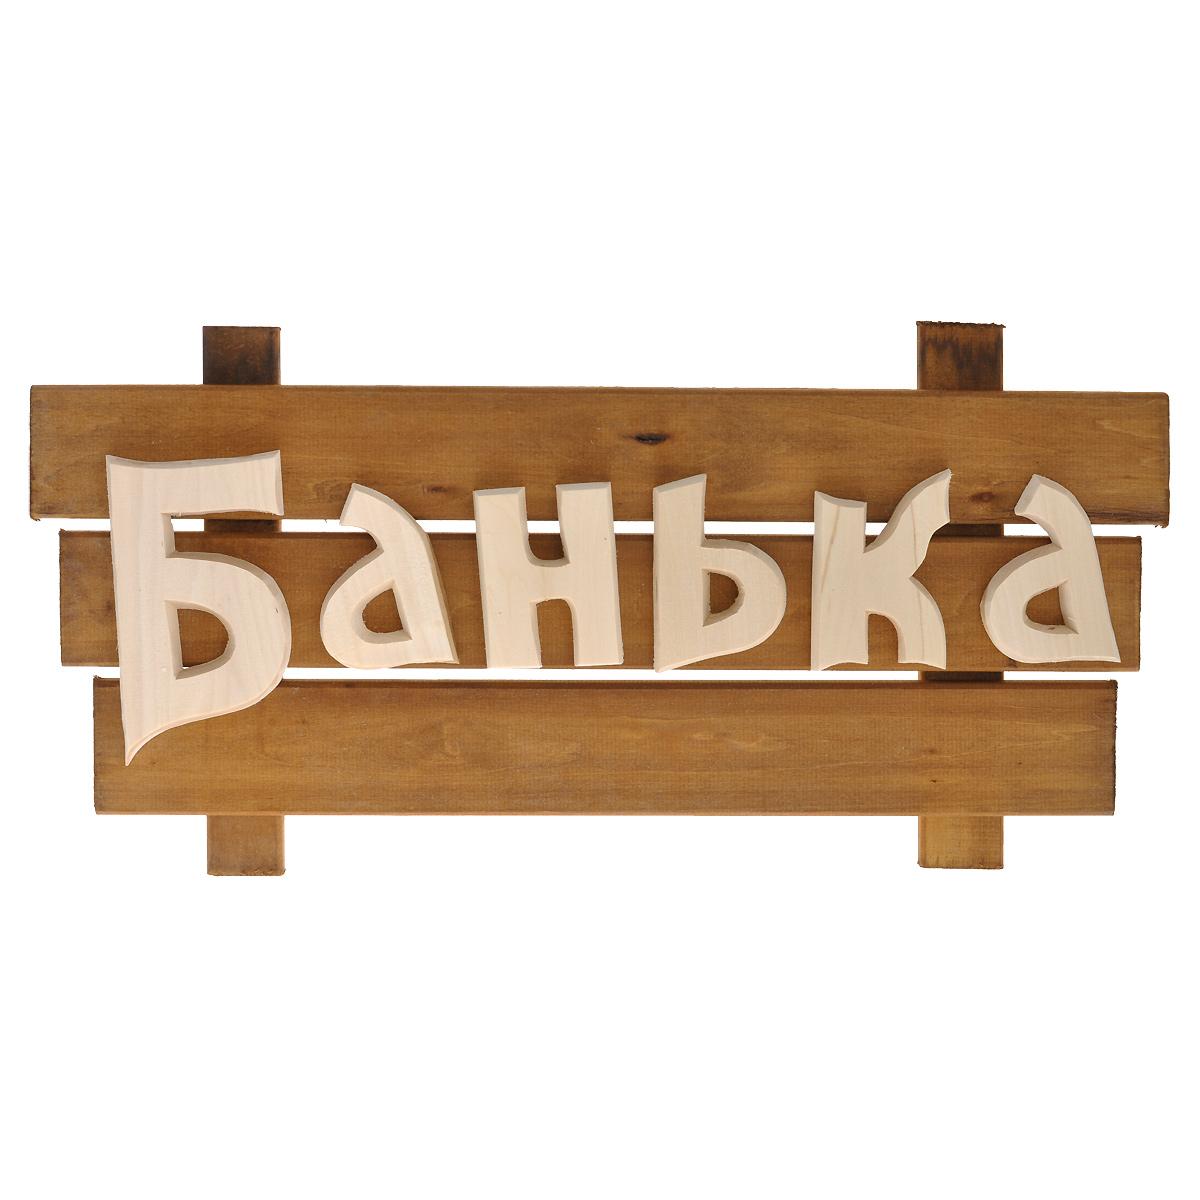 Табличка для бани и сауны Банные штучки Банька. 3227232272Оригинальная табличка Банные штучки Банька выполнена из древесины липы. Табличка может крепиться к двери или к стене с помощью шурупов (в комплект не входят, отверстия не просверлены) или клея.Табличка придаст определенный стиль вашей бане, а также просто украсит ее. Характеристики: Материал: дерево (липа). Размер таблички: 59 см х 29 см х 4,5 см.